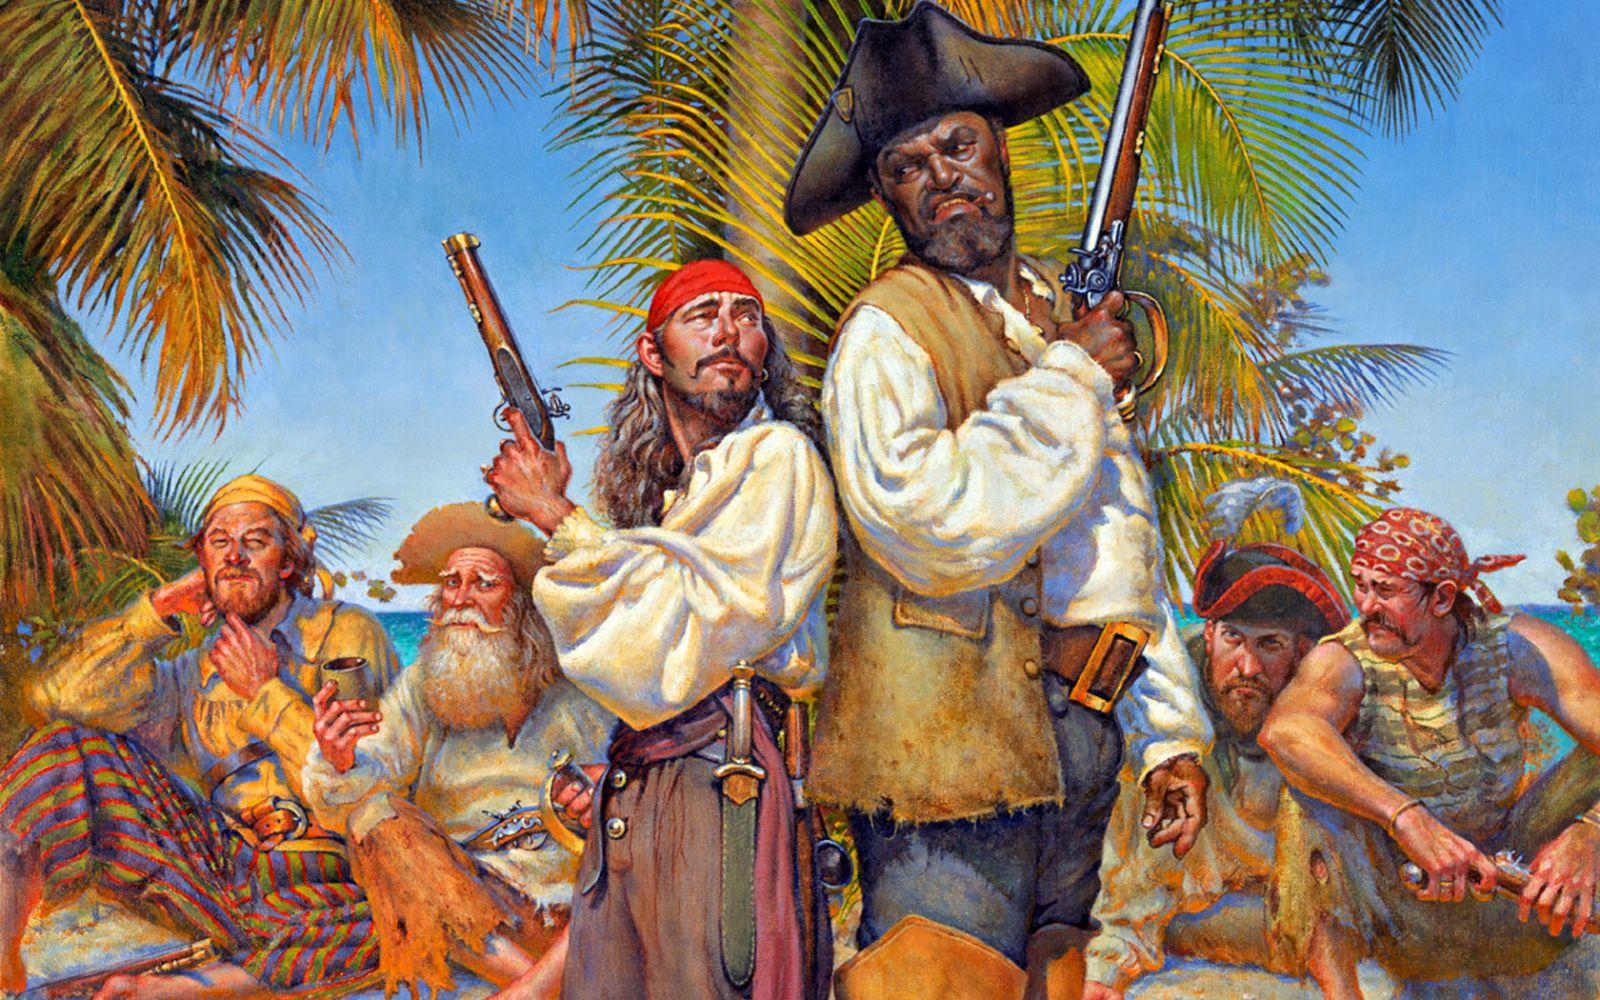 Пираты на картинках, советская